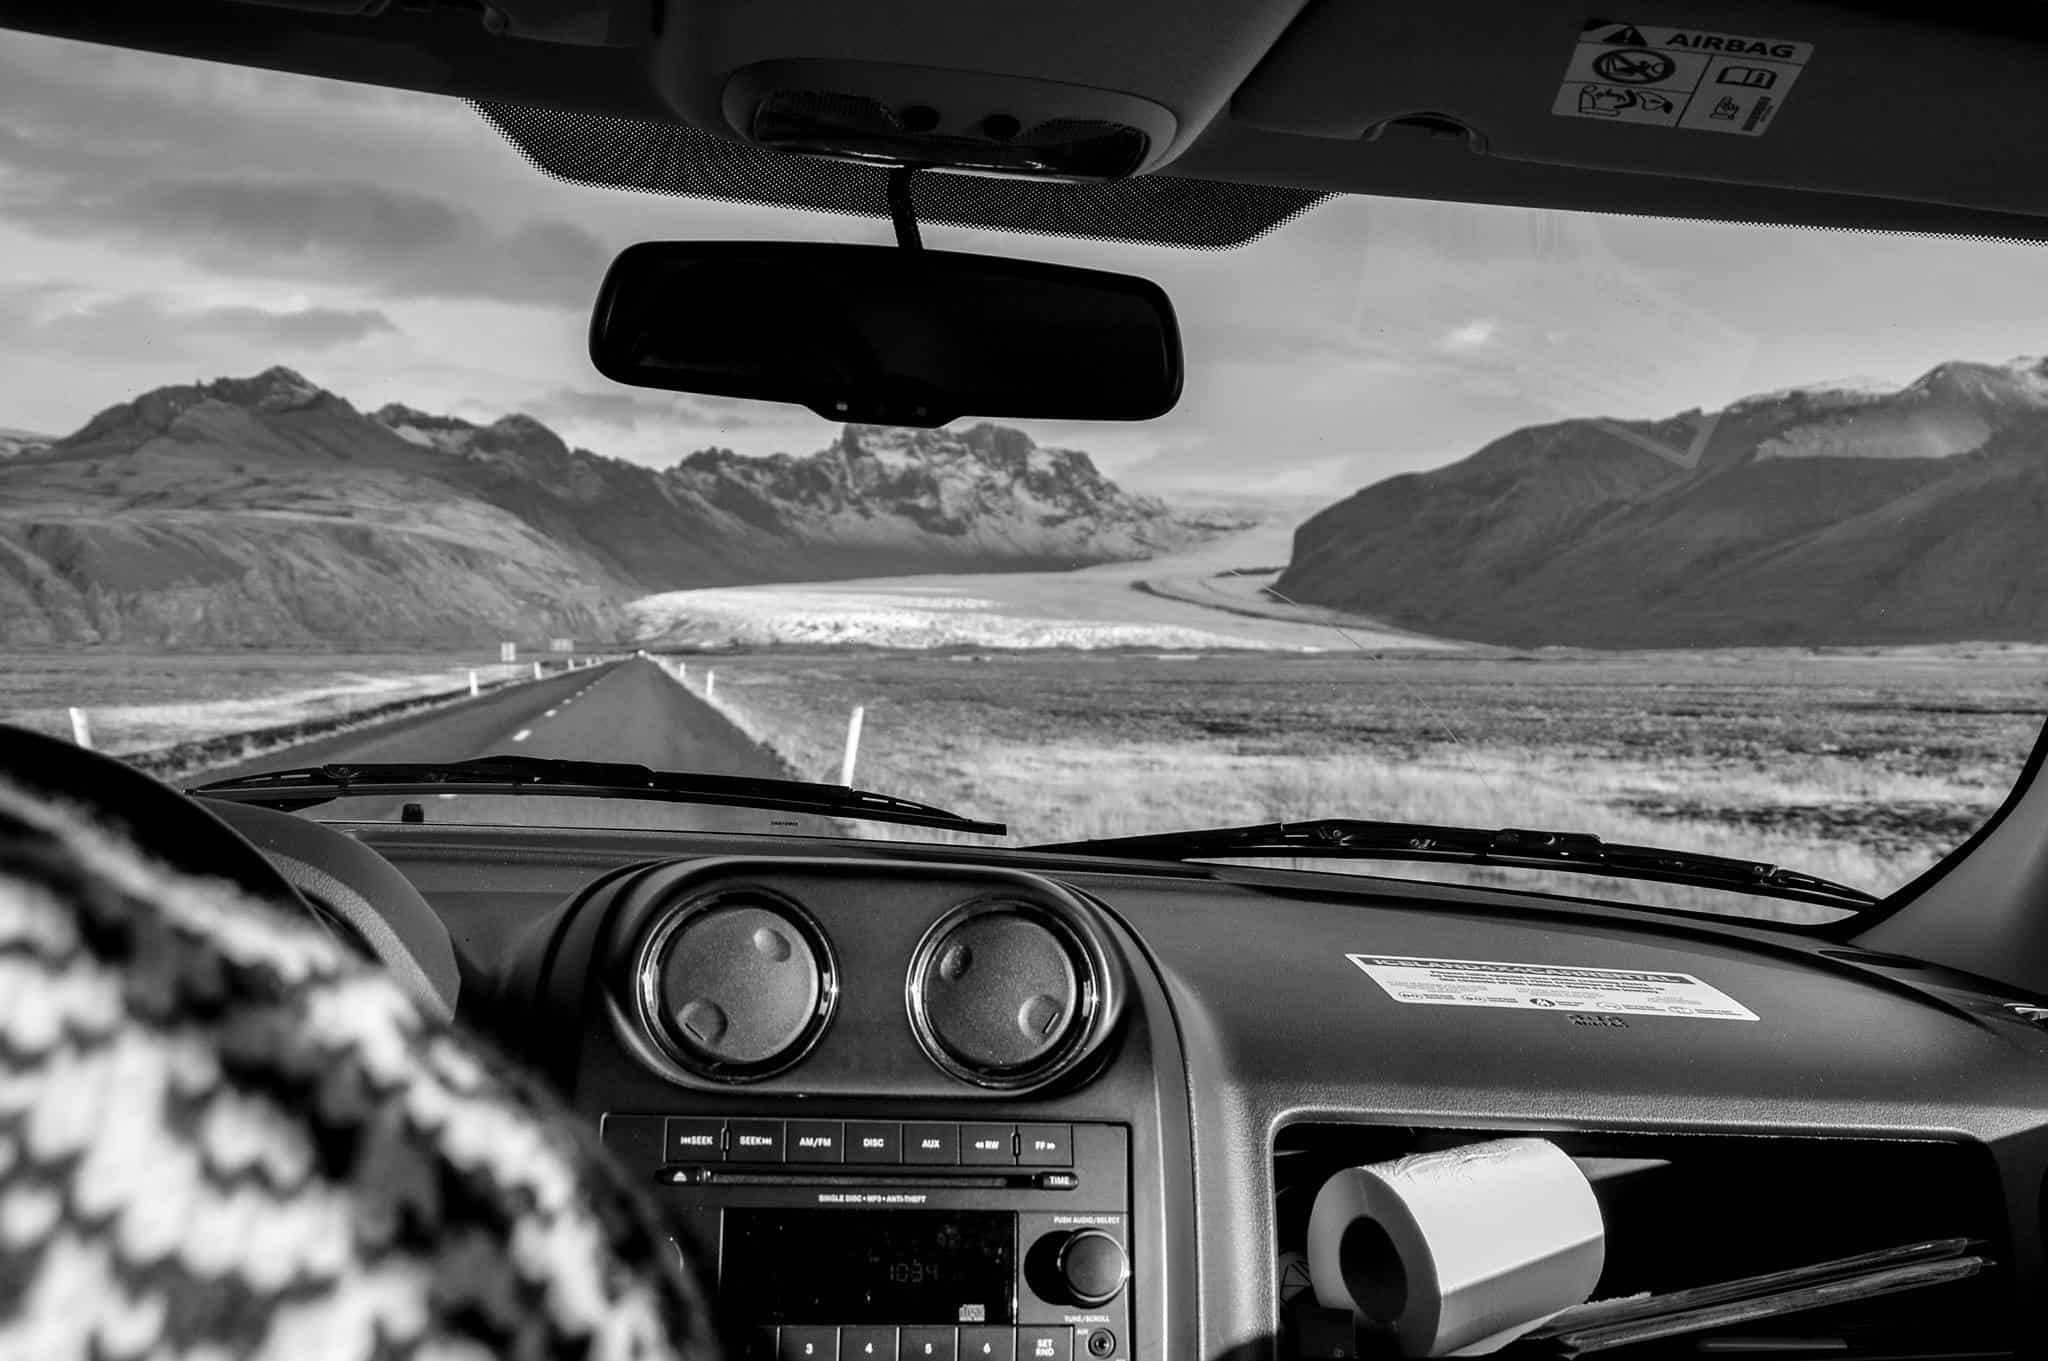 Sarah Tingey Iceland scientific expedition